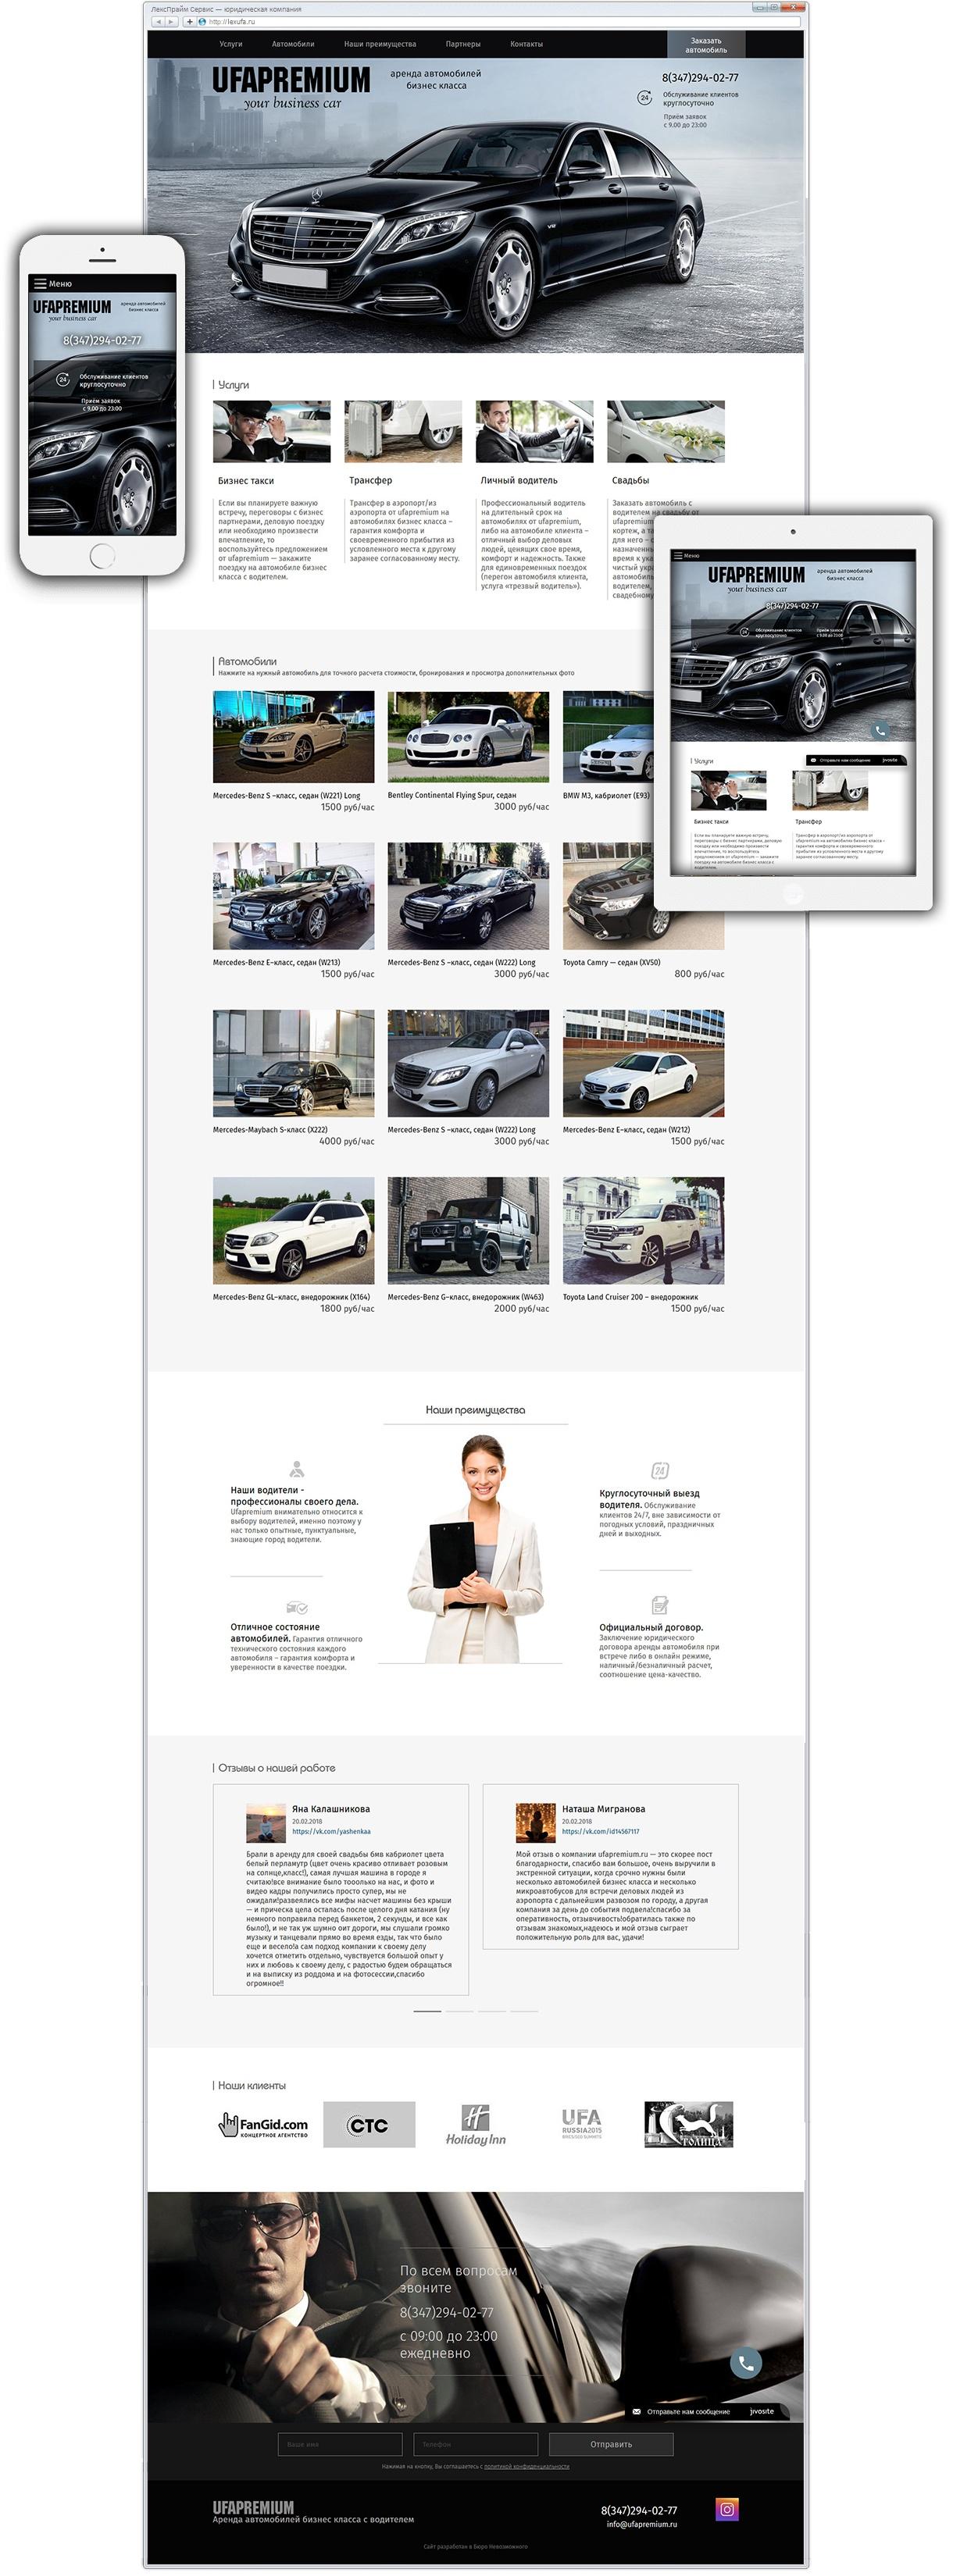 Функциональный лендинг фирмы по аренде автомобилей бизнес класса